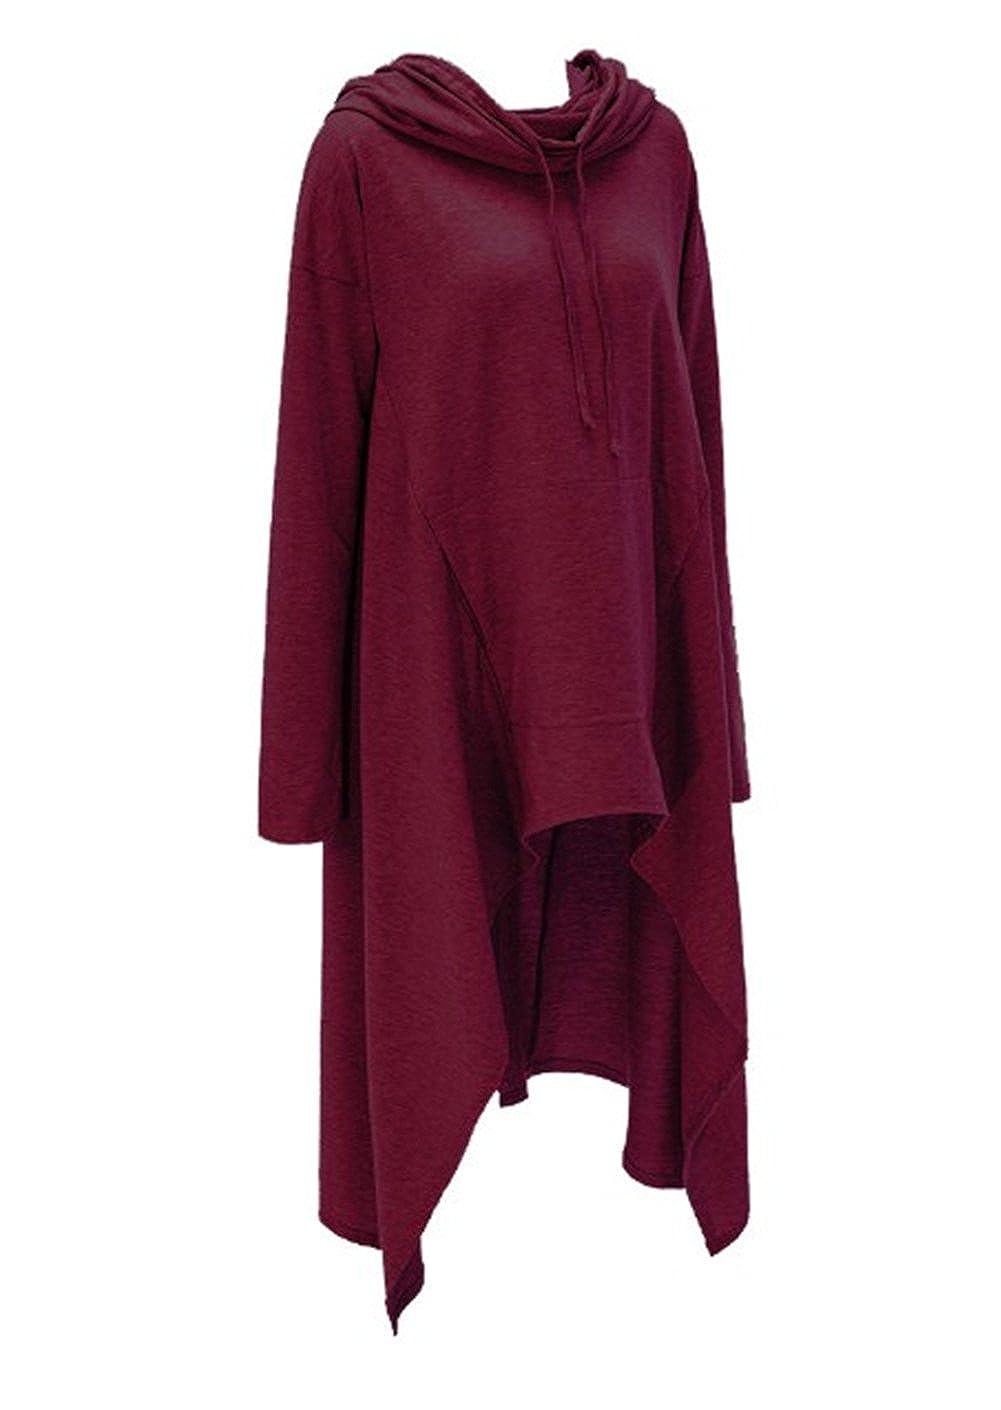 TALLA 3XL. FANTIGO Bolsillos canguro con capucha de las mujeres Pulóver asimétrico Hem sudadera Vestido de la túnica